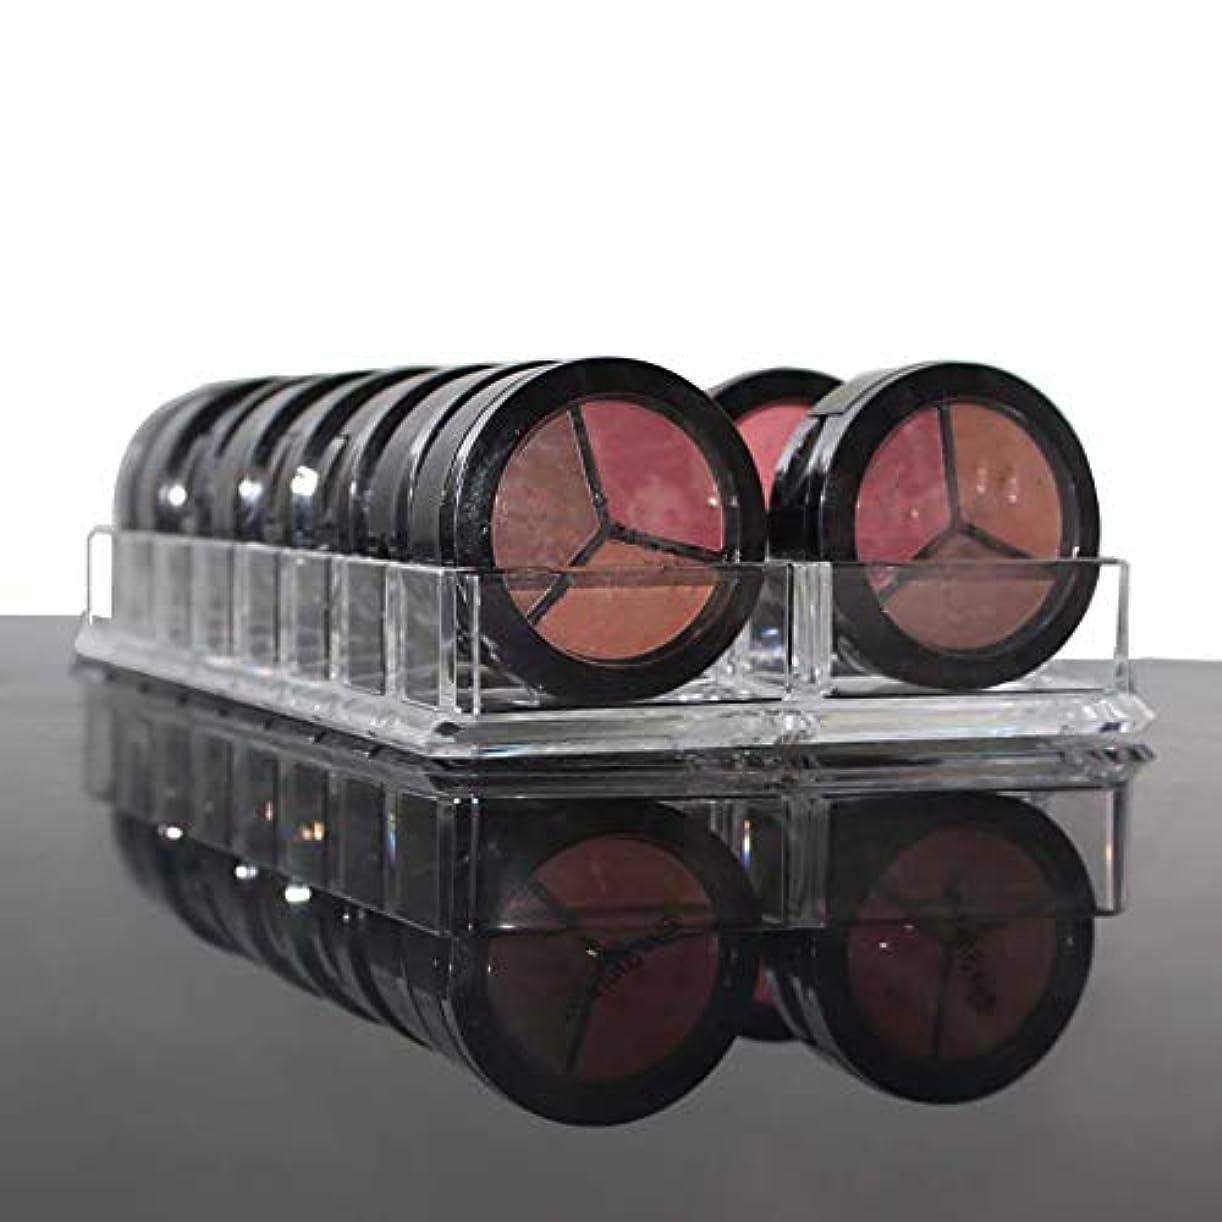 実業家ヘクタール強いhamulekfae-化粧品綺麗アクリルアイシャドー頬紅化粧オーガナイザー16スペース化粧品収納ケースホルダー - 透明